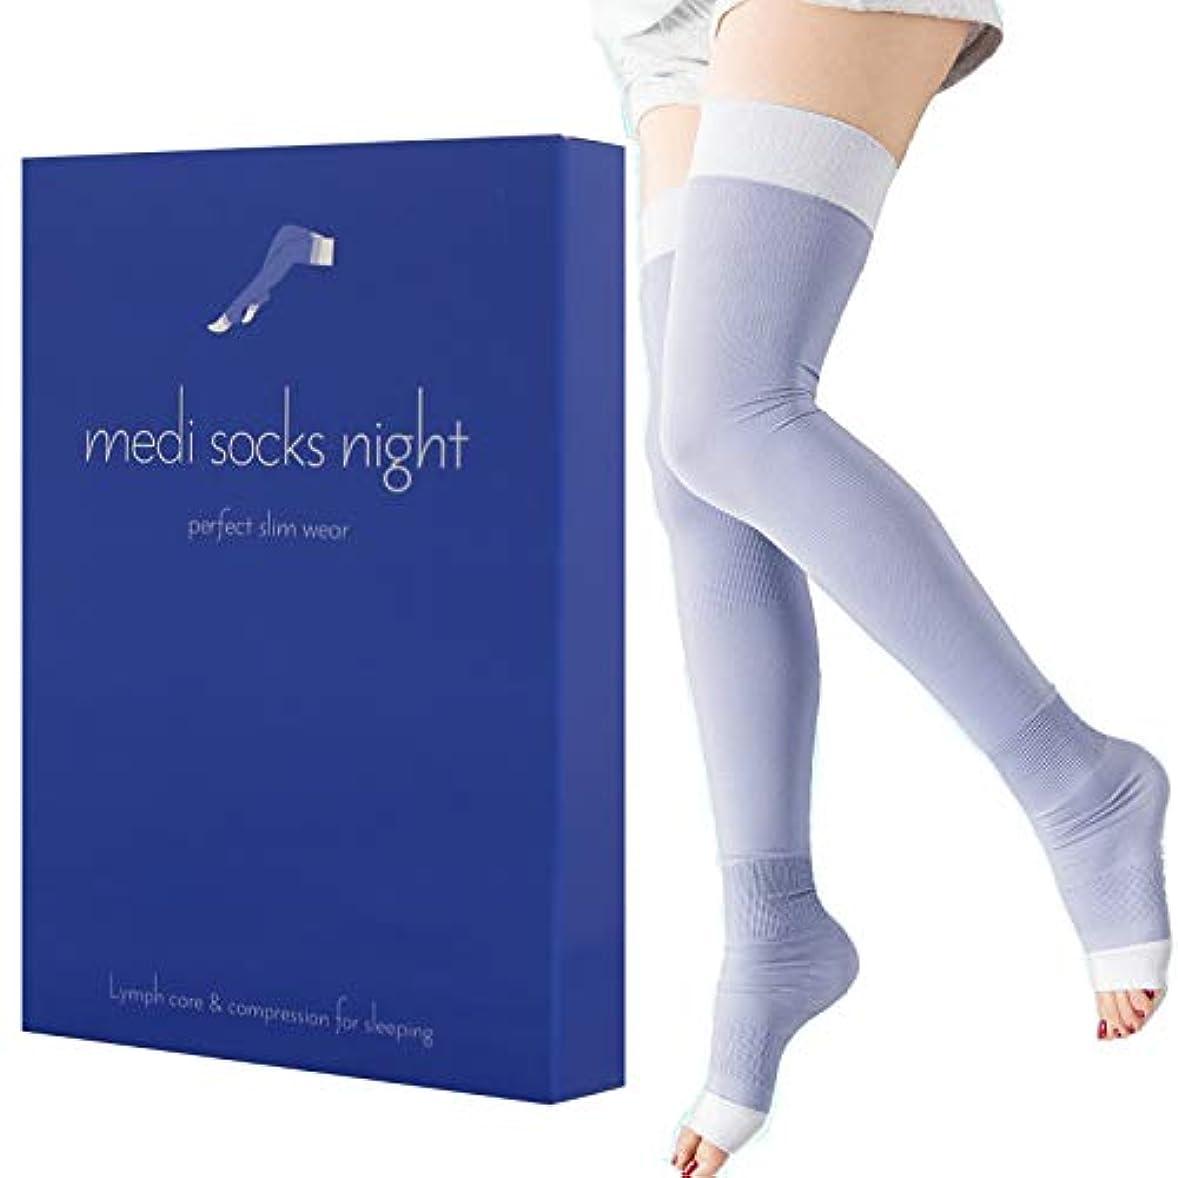 無しポルノ待つメディソックスナイト ~medi socks night~ Mサイズ